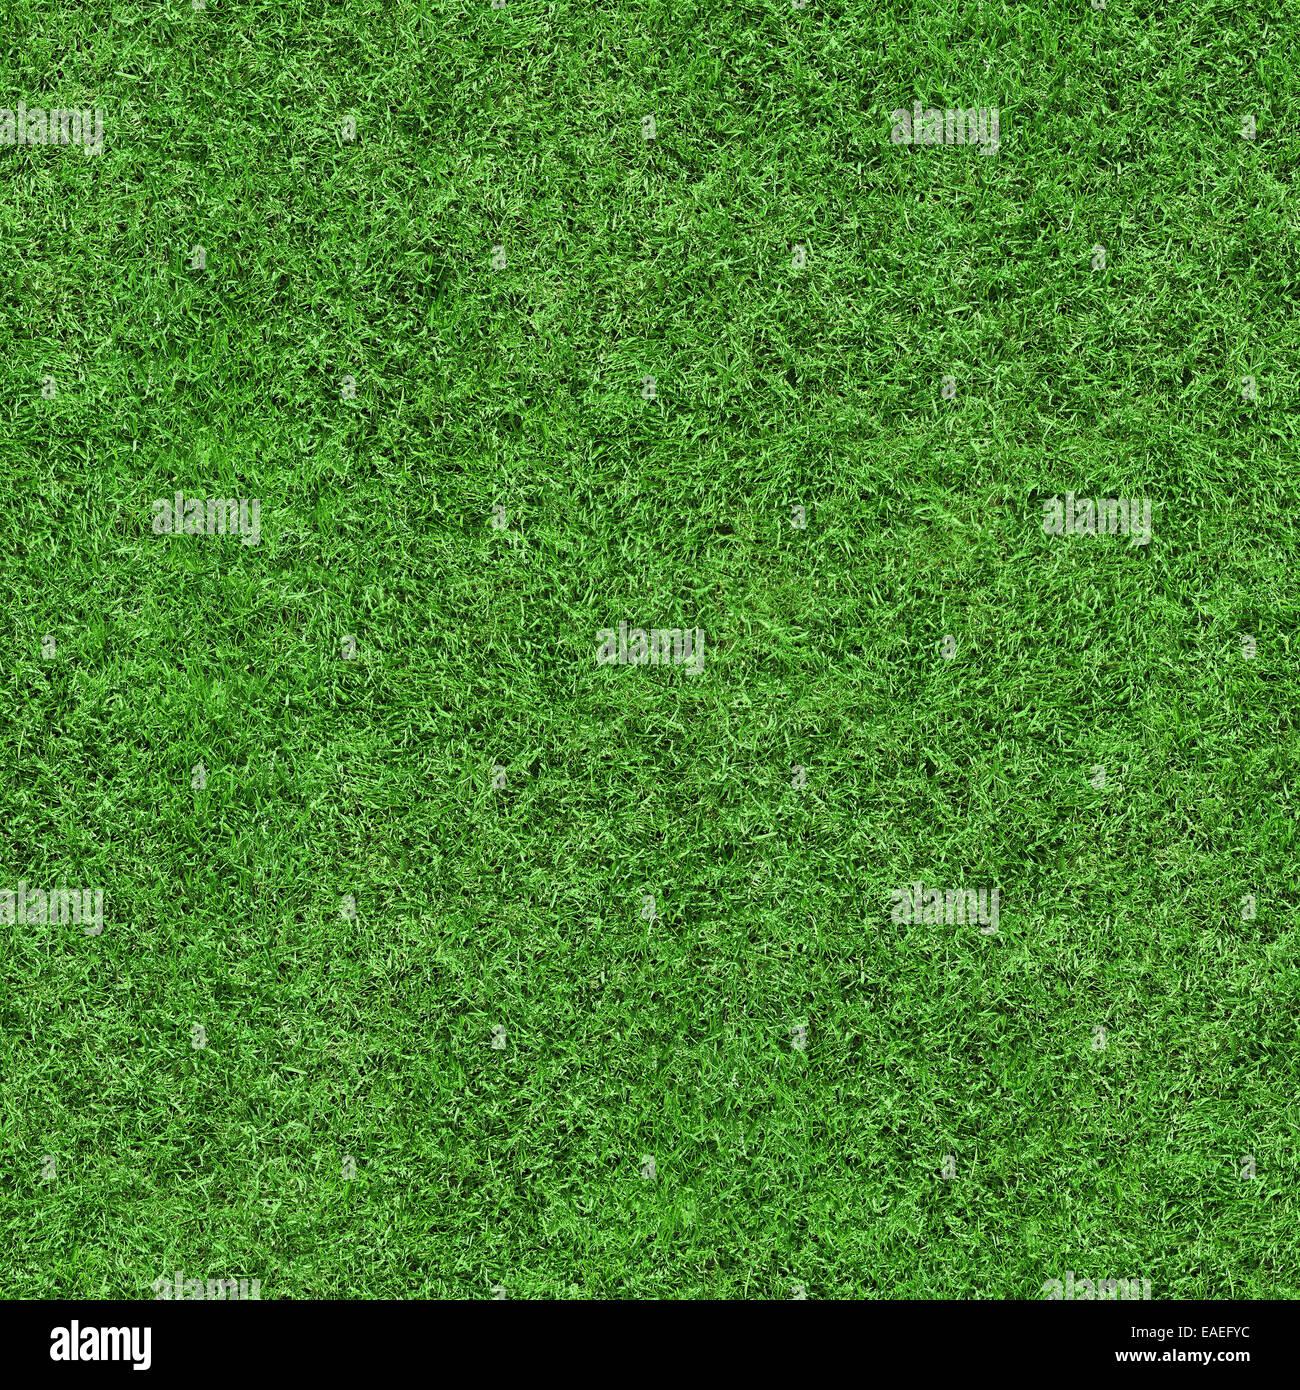 La texture de l'herbe verte de fond transparent, parfait pour la nature, l'environnement, sport et plus... Photo Stock